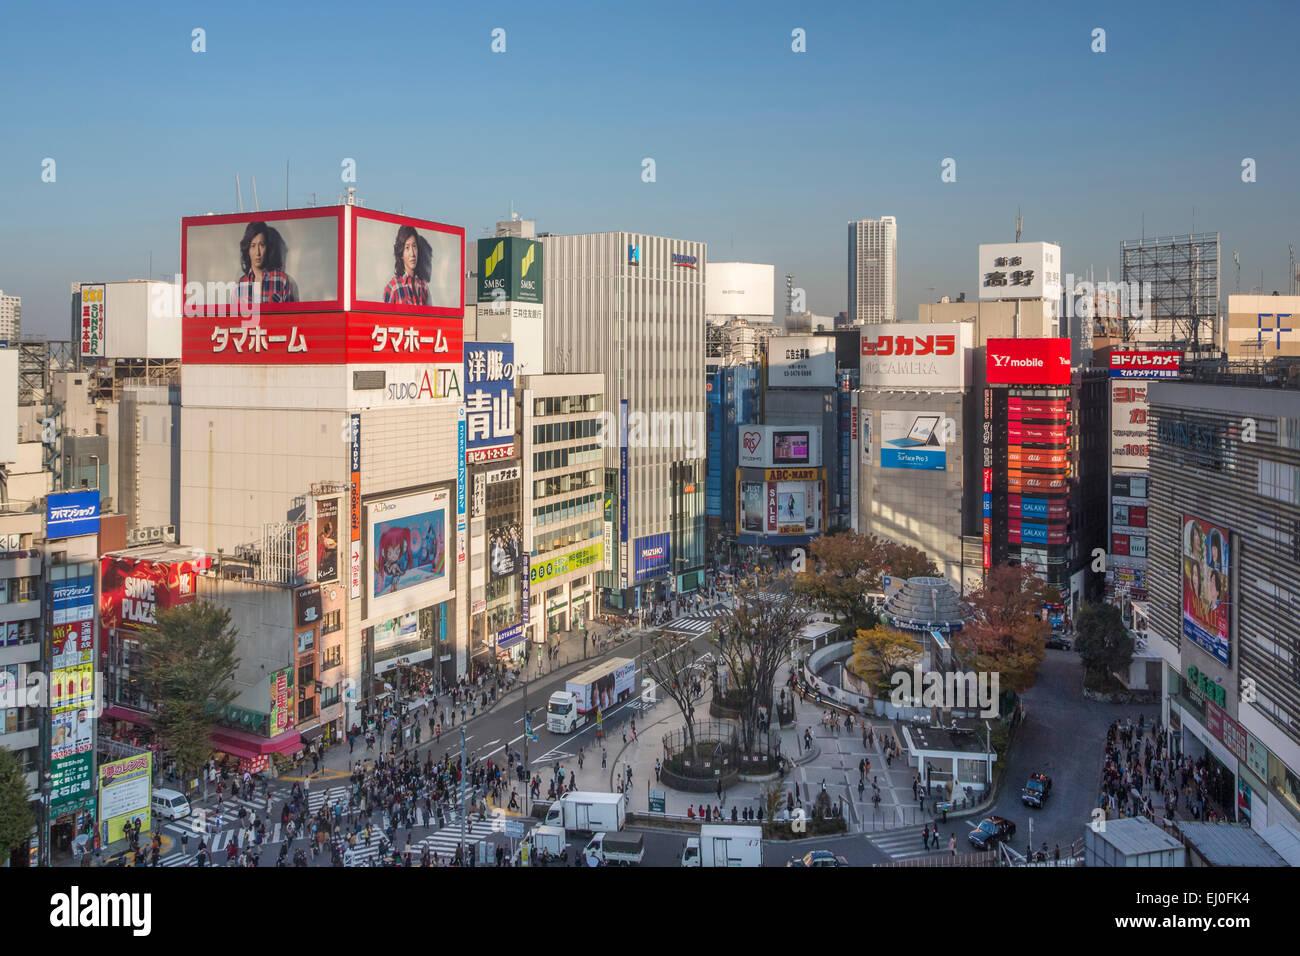 center east side japan asia shinjuku station tokyo stock photo 79917576 alamy. Black Bedroom Furniture Sets. Home Design Ideas